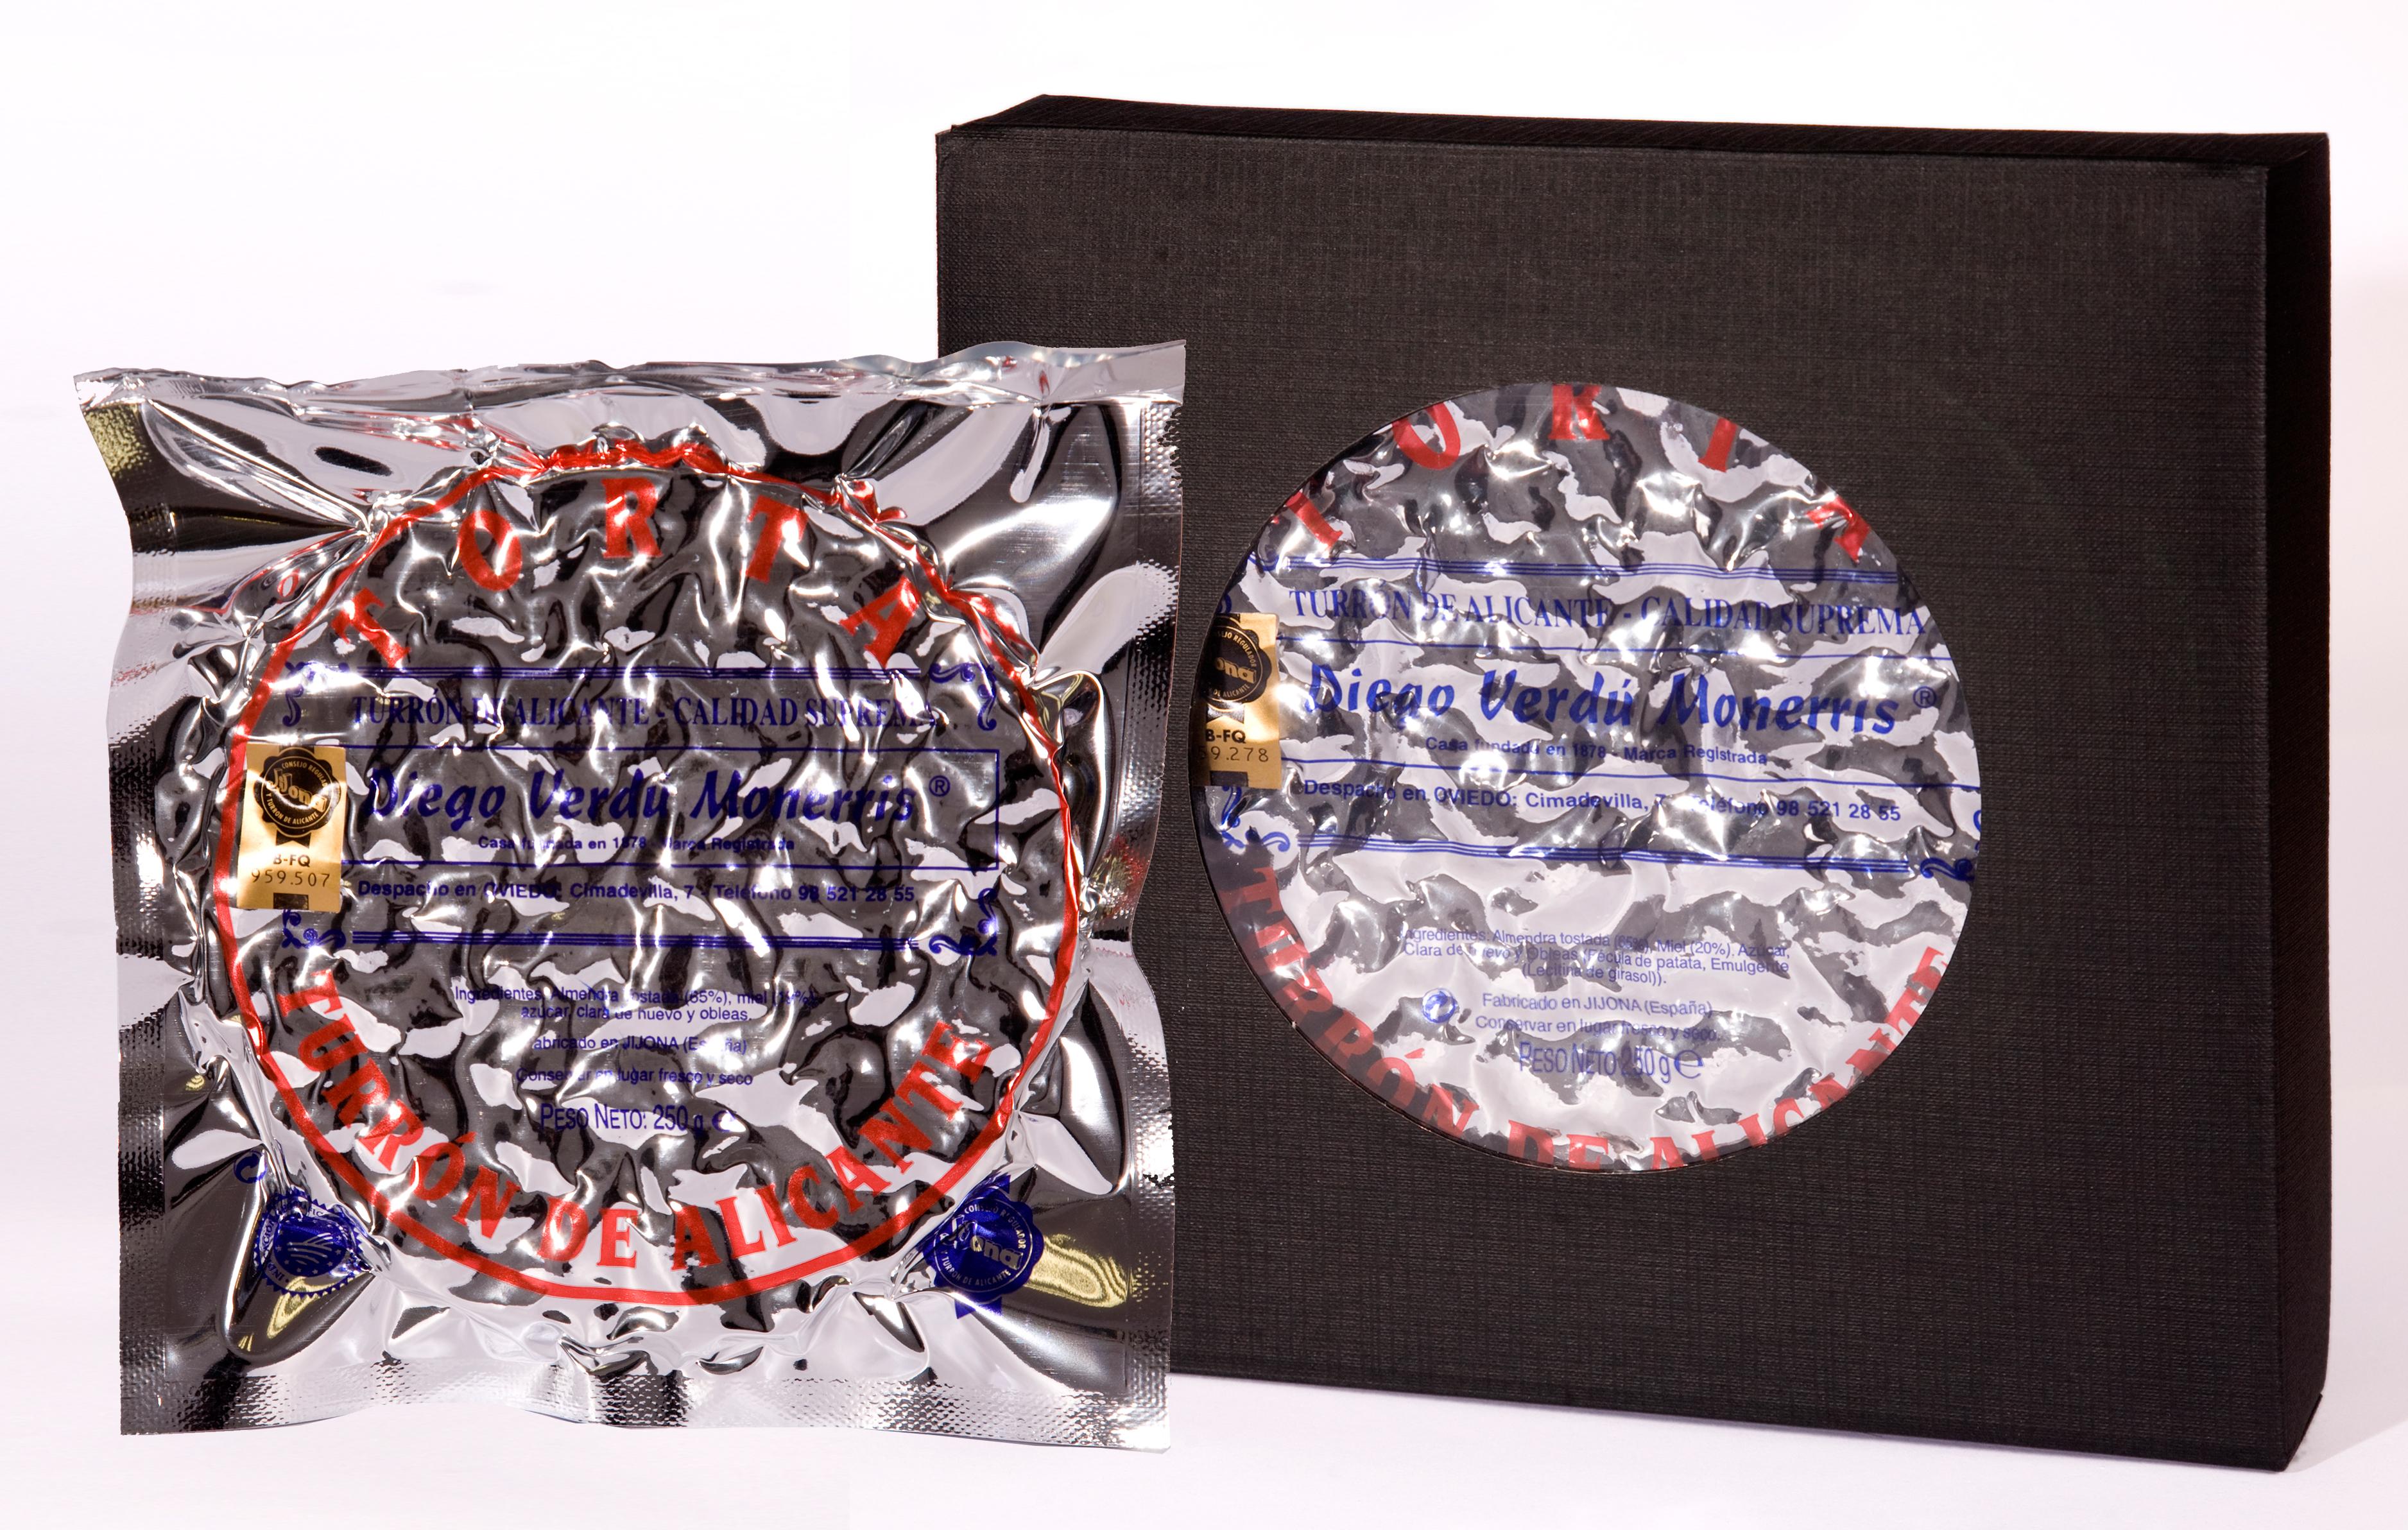 torta-imperial-3752x2384